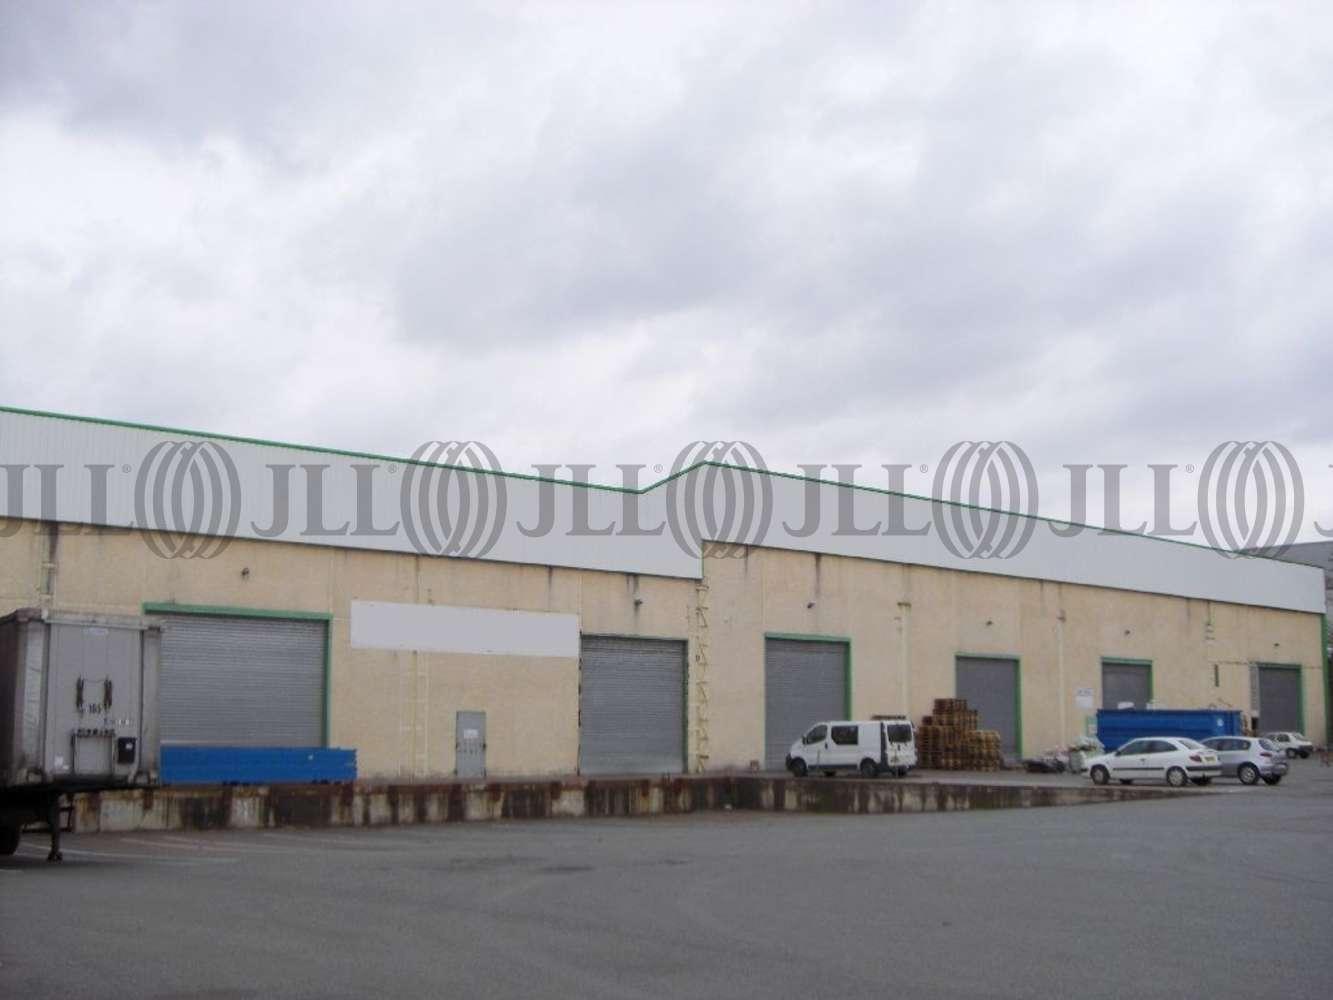 Activités/entrepôt Jassans riottier, 01480 - Entrepot à louer Lyon Nord - 10256375